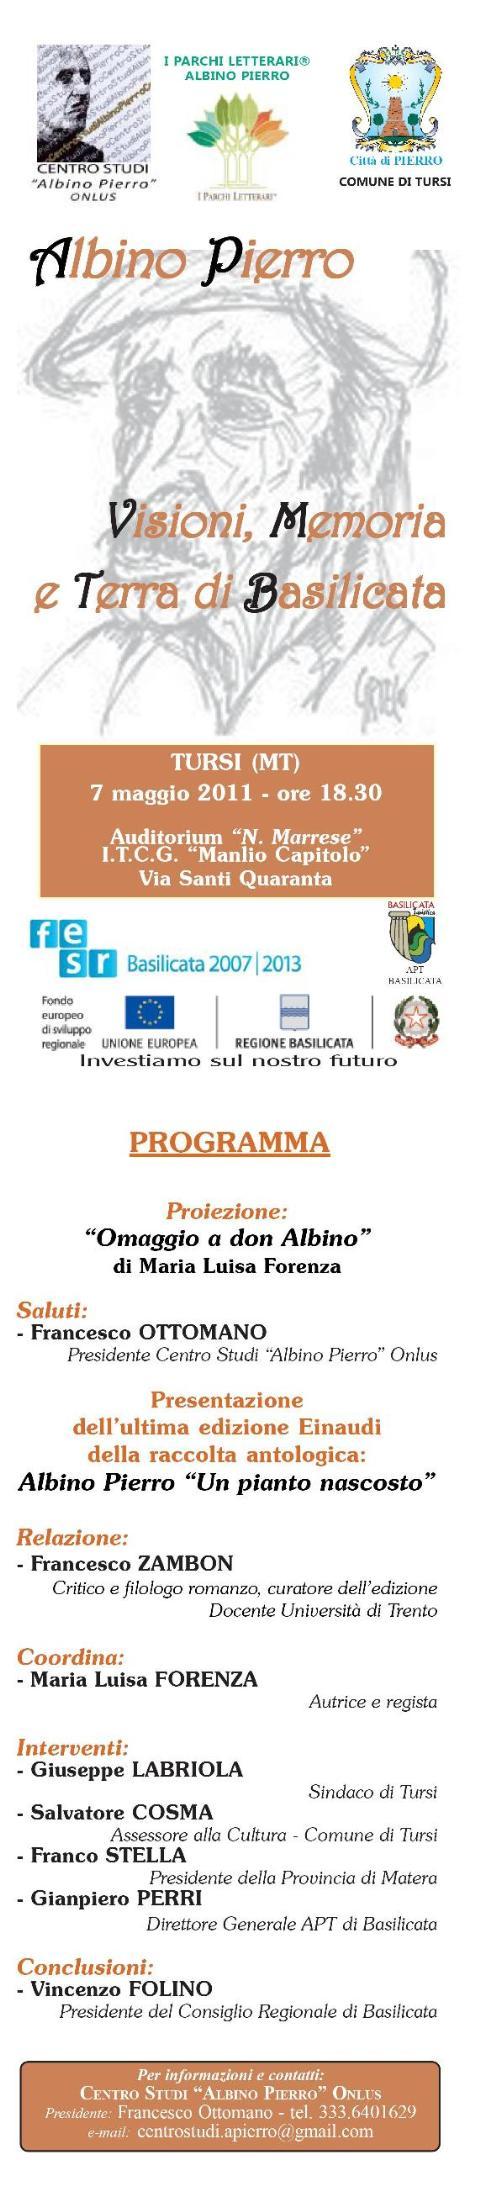 Visioni, Memoria e Terra di Basilicata - 7 maggio 2011